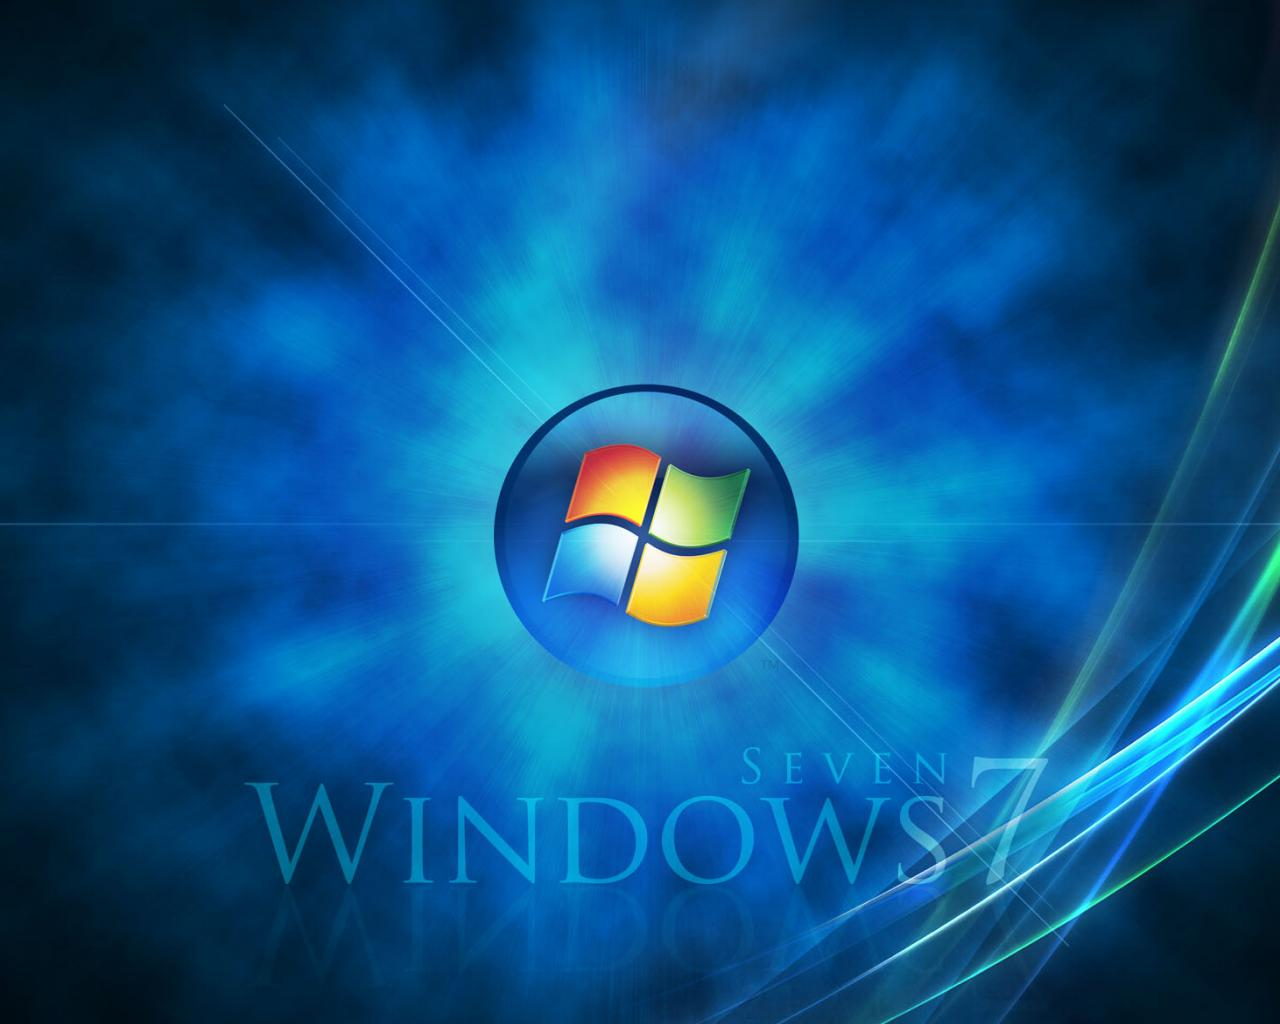 Скачать бесплатно обои для windows 7 без регистрации